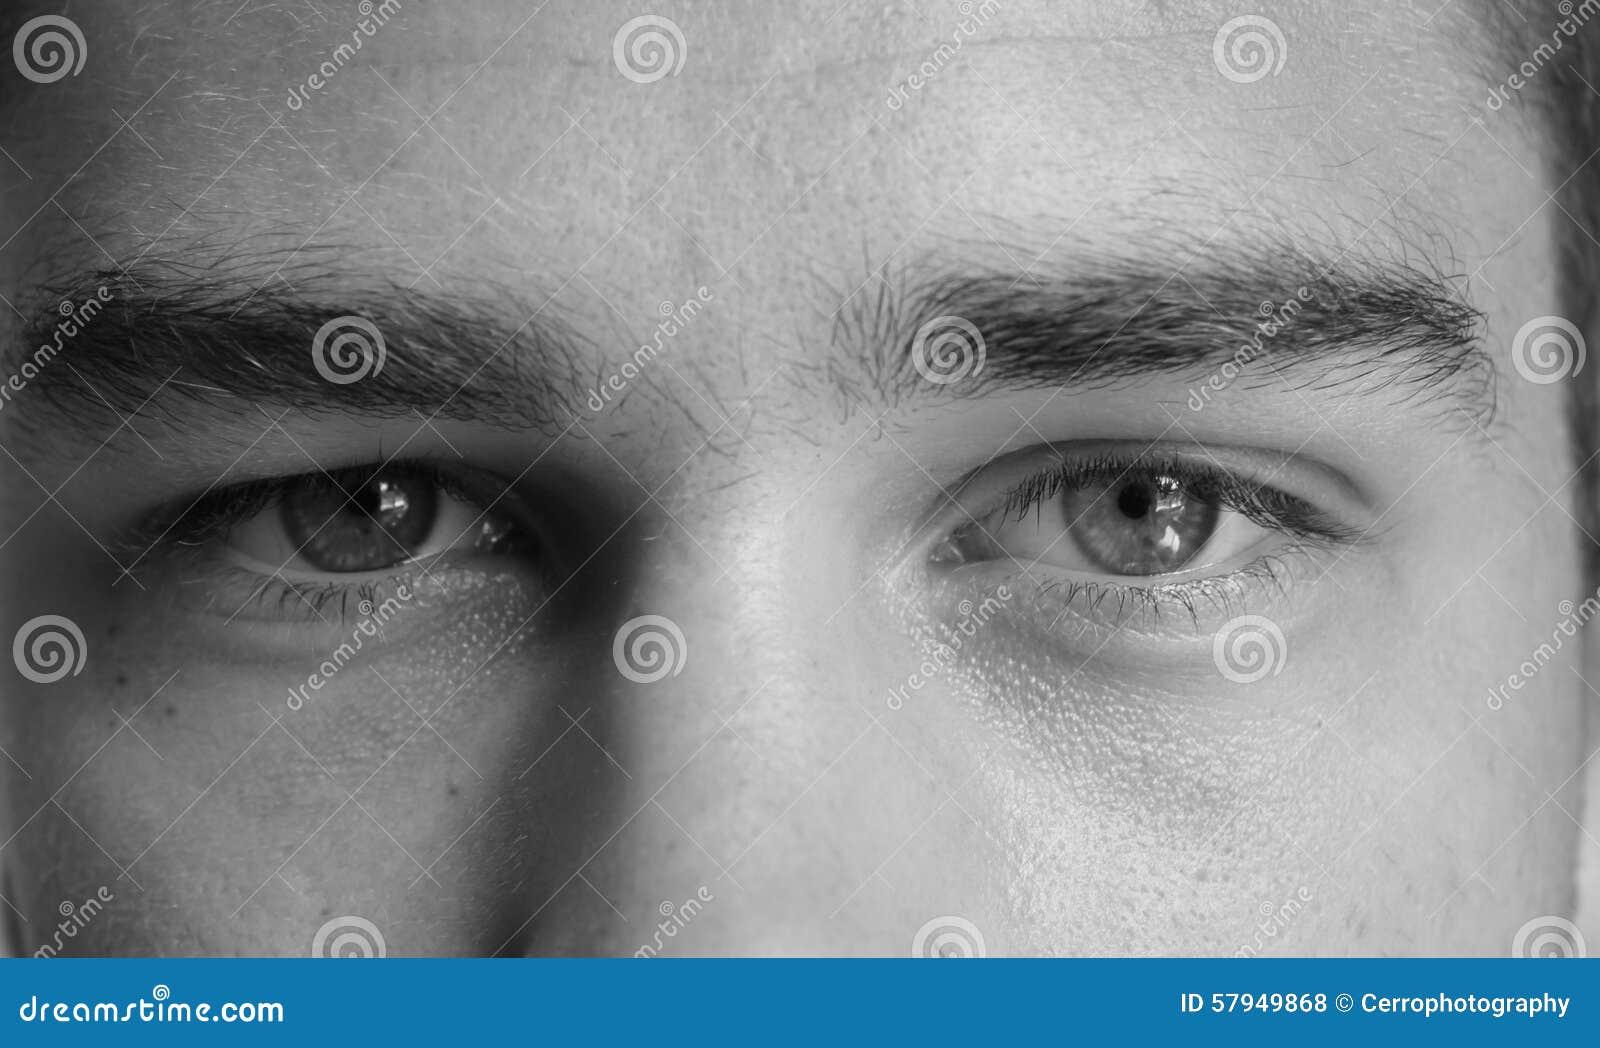 Ojos De Un Hombre Blanco Y Negro Foto De Archivo Imagen De